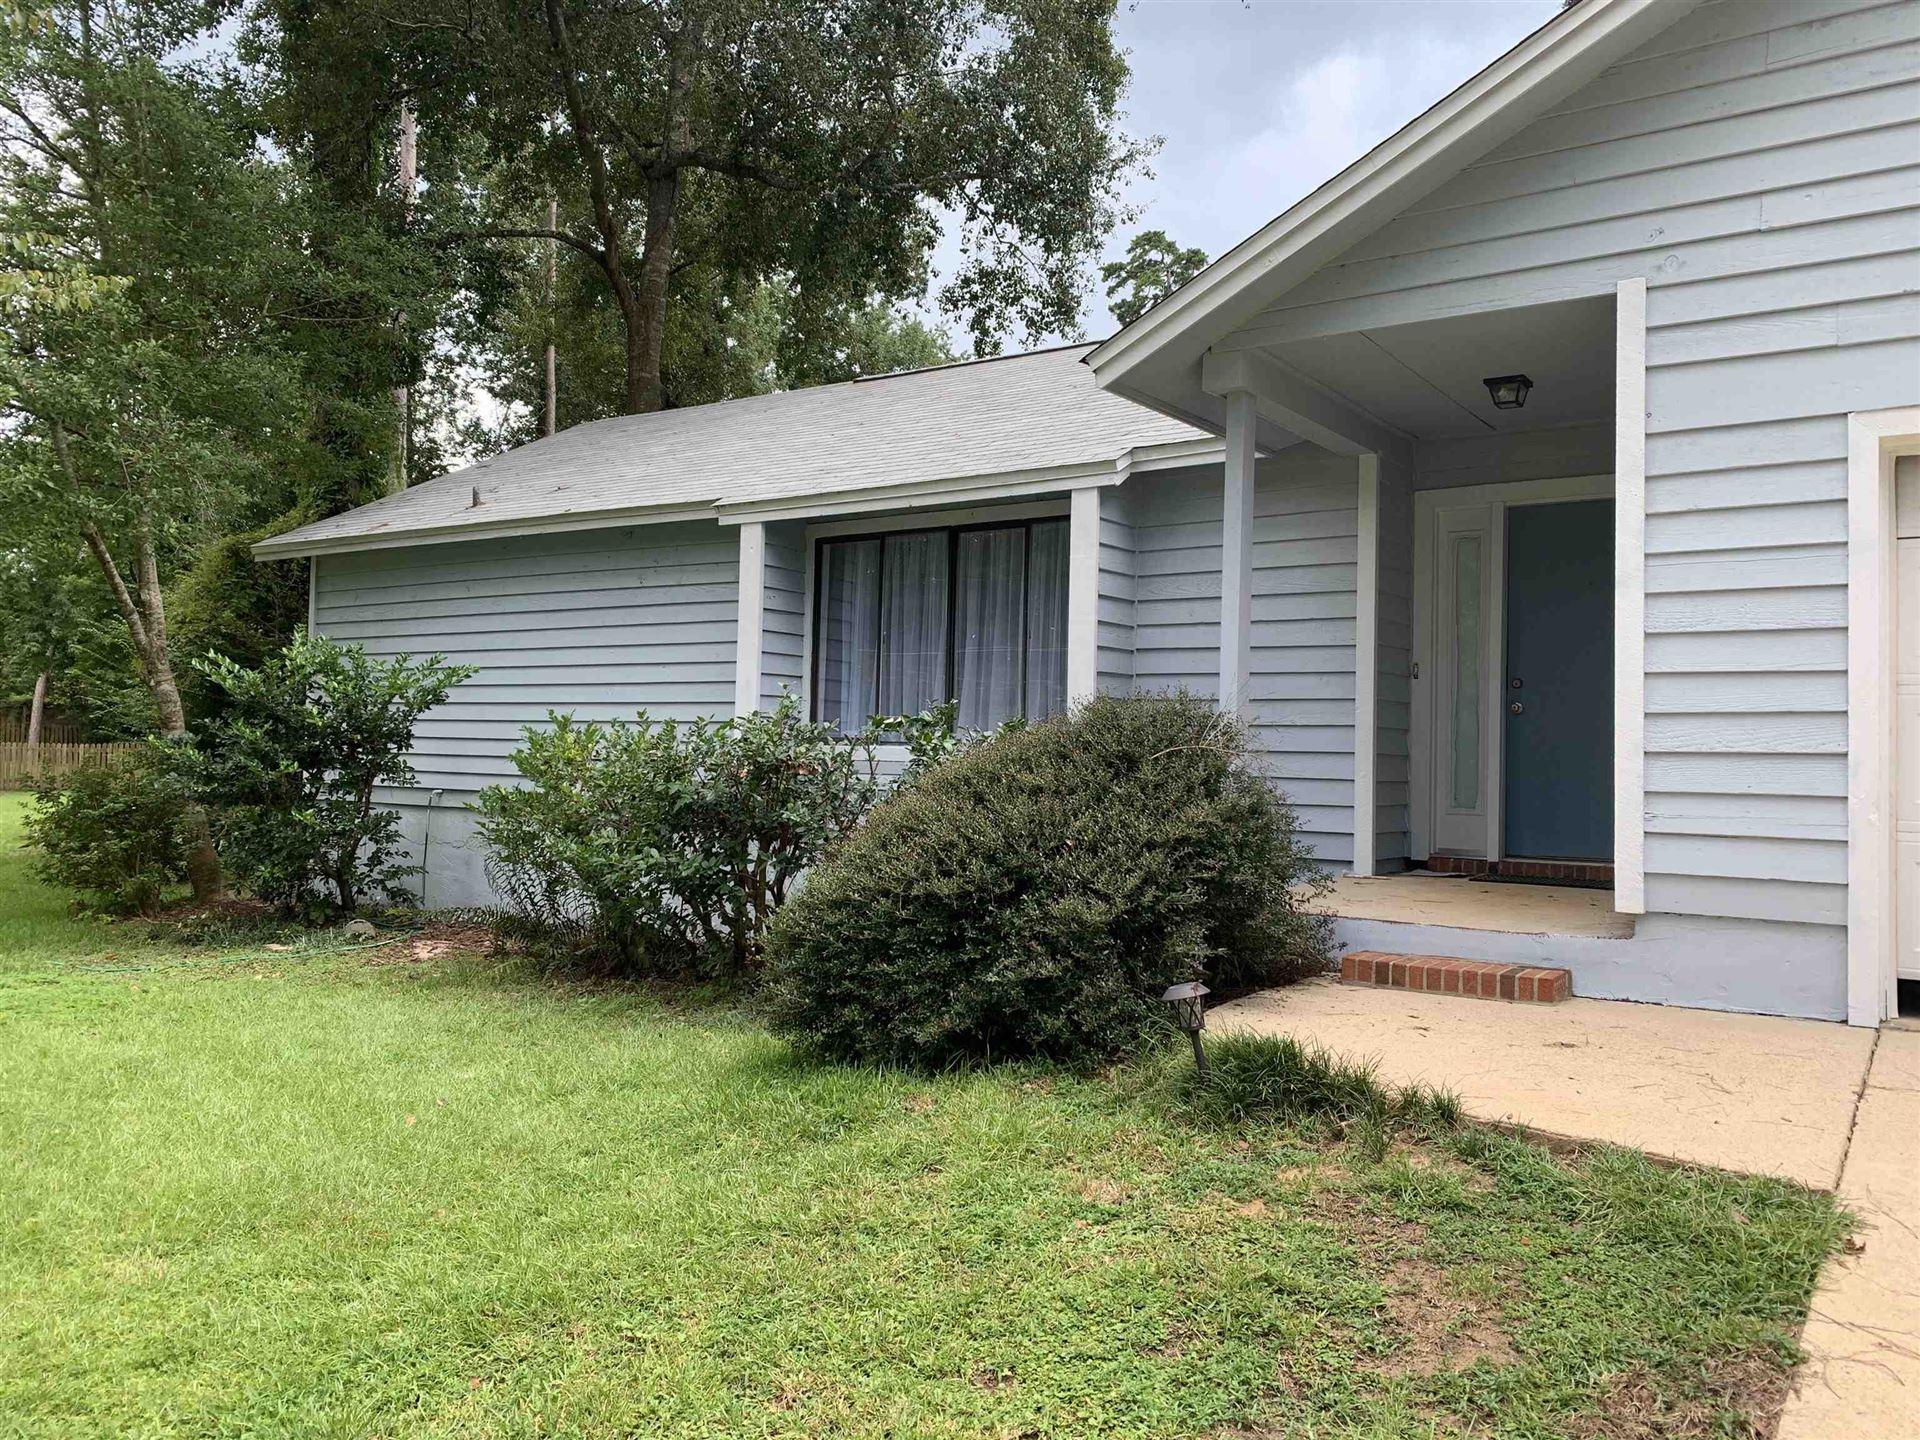 2055 Pepperidge Way, Tallahassee, FL 32308 - MLS#: 336398